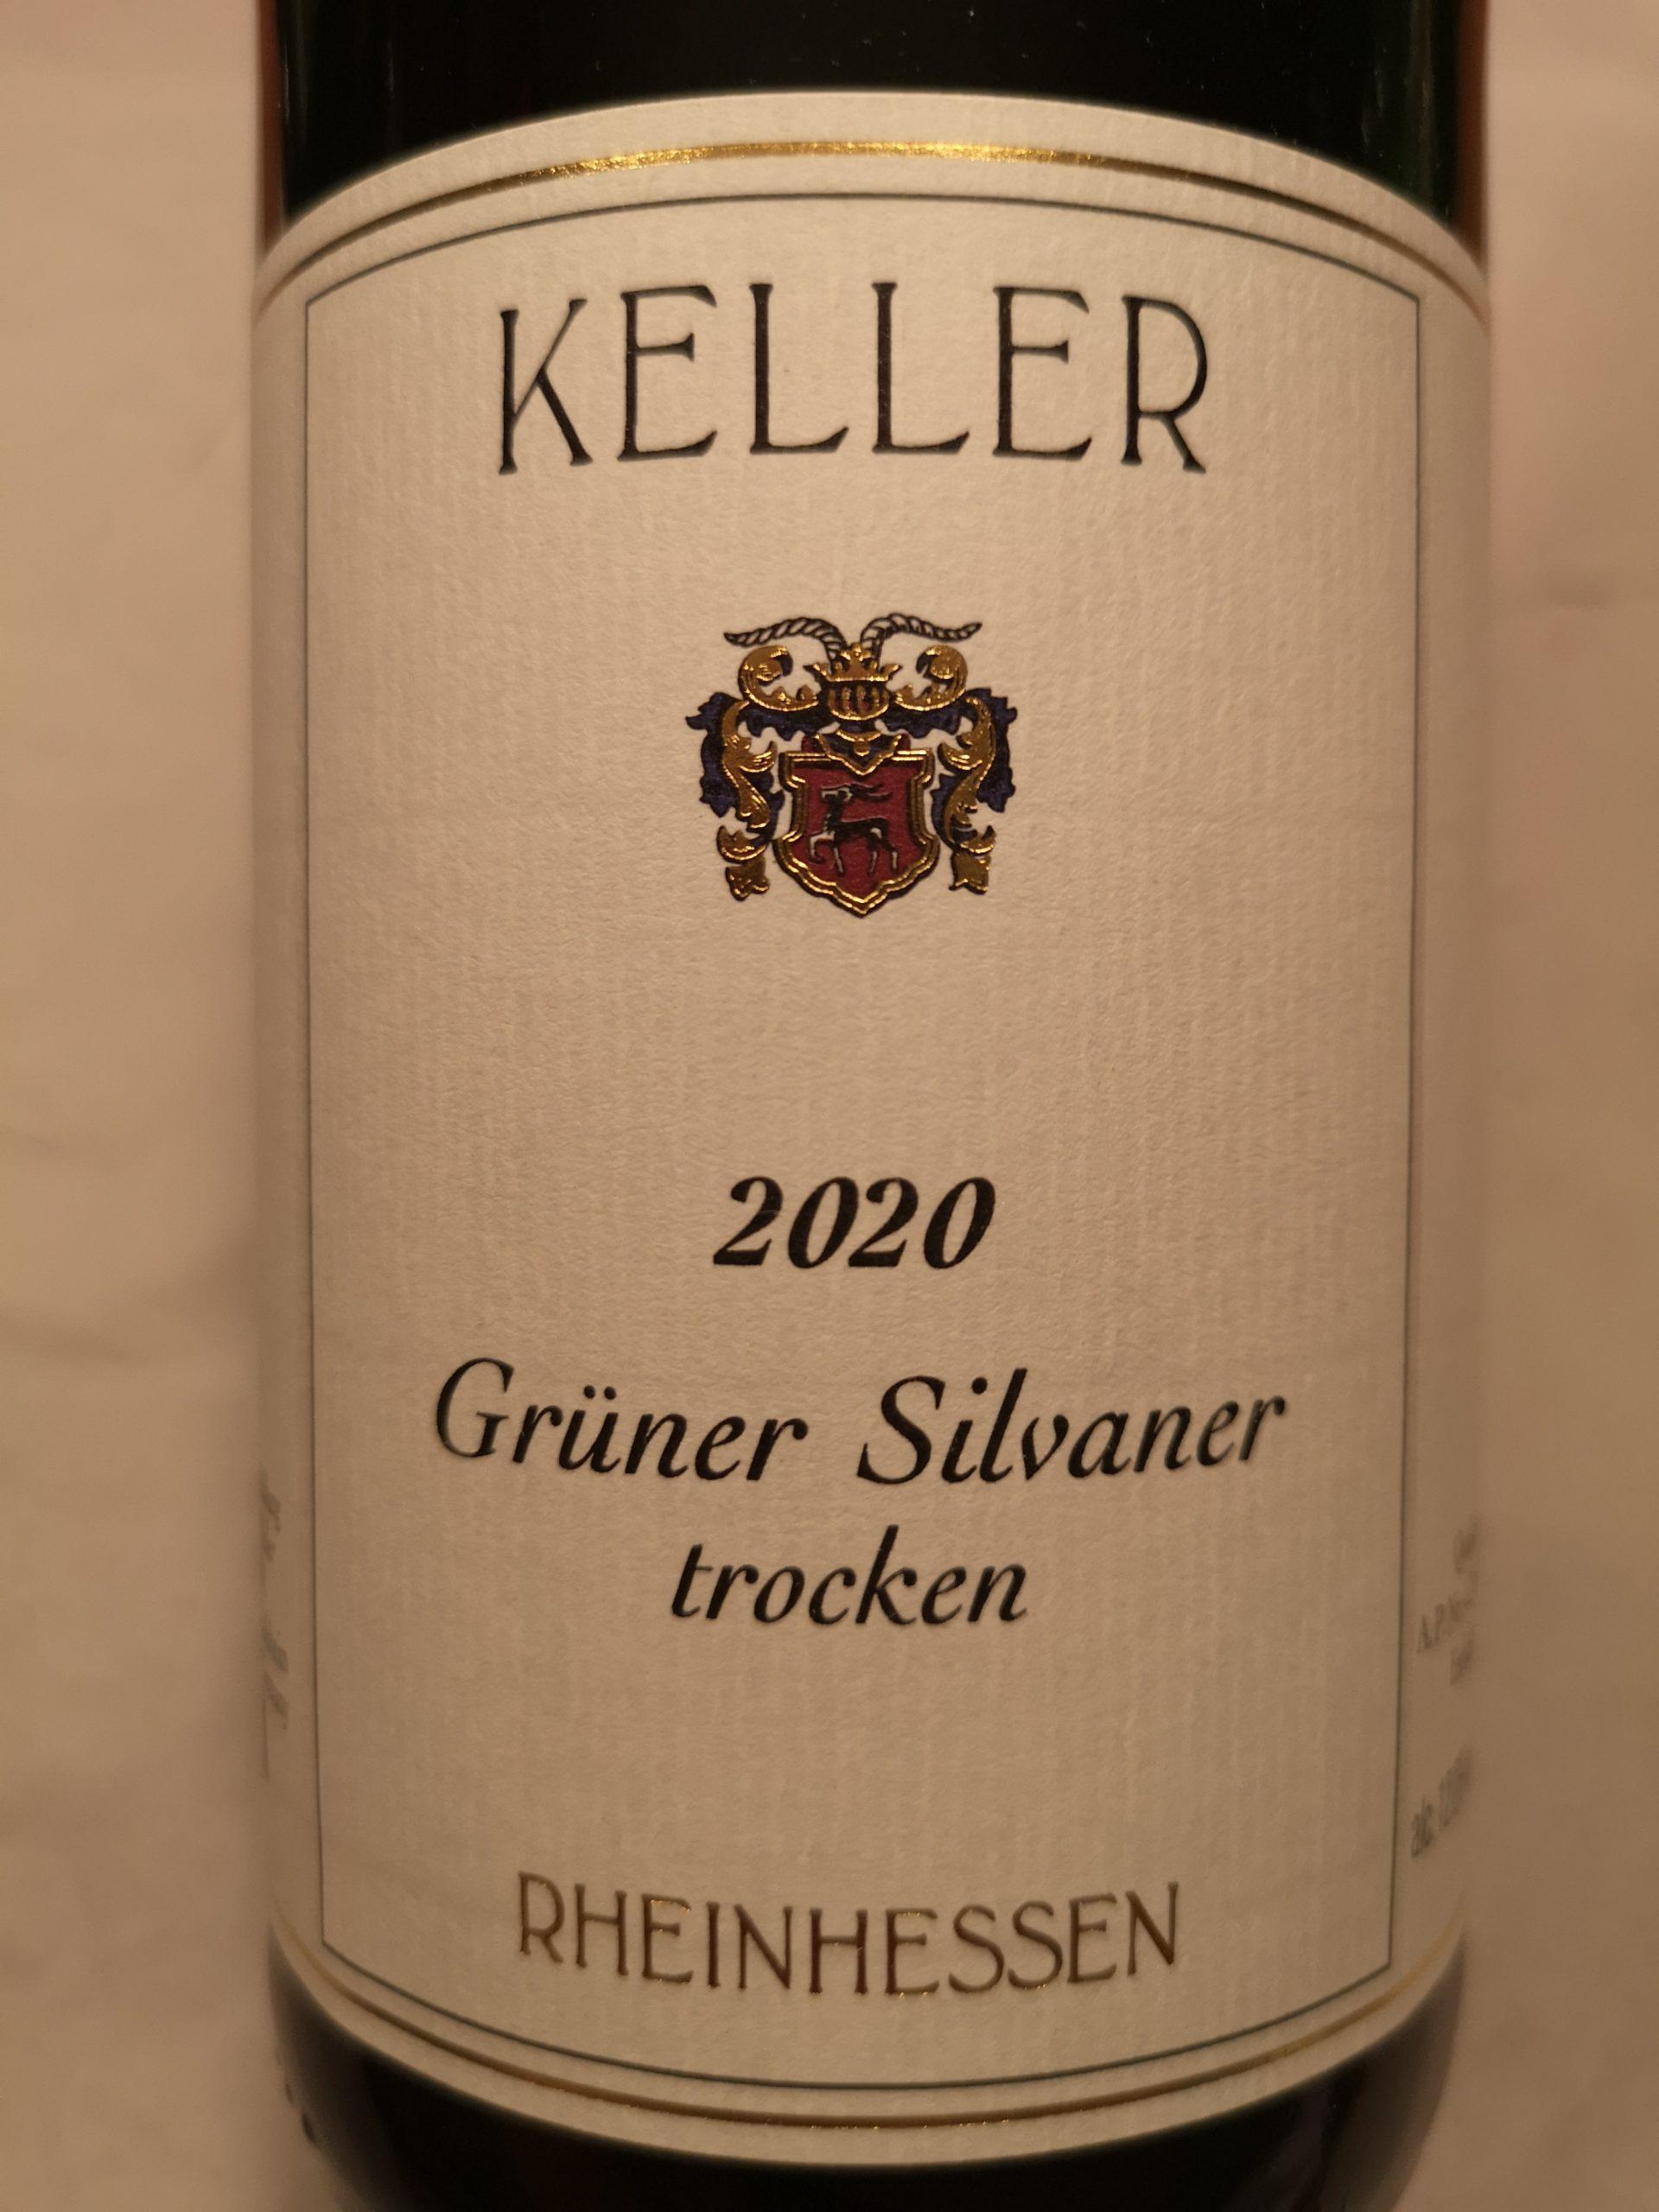 2020 Grüner Silvaner trocken | Keller